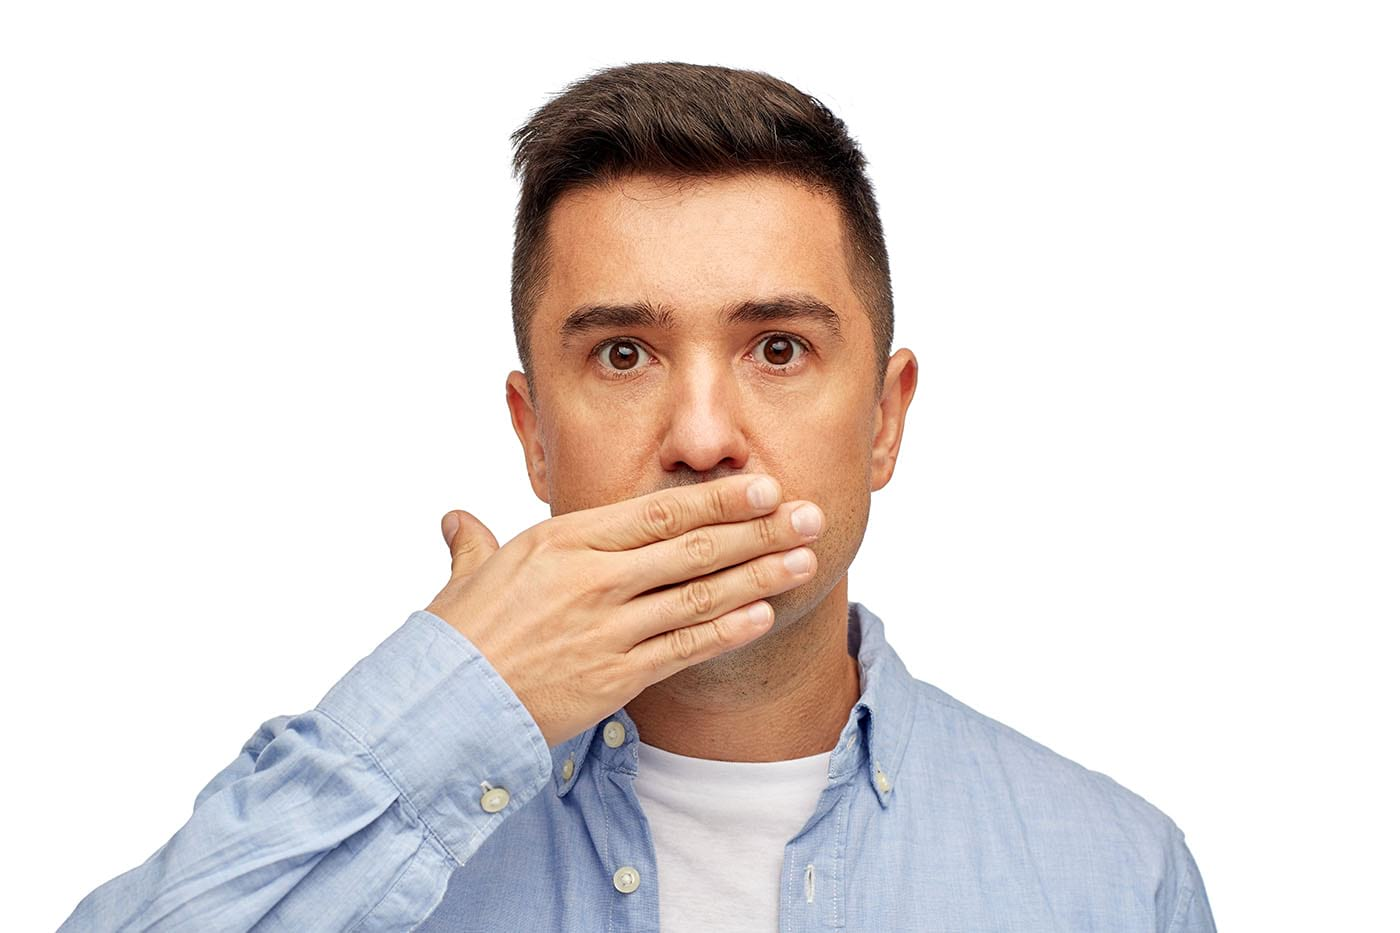 Respirația urât mirositoare poate indica diverse afecțiuni